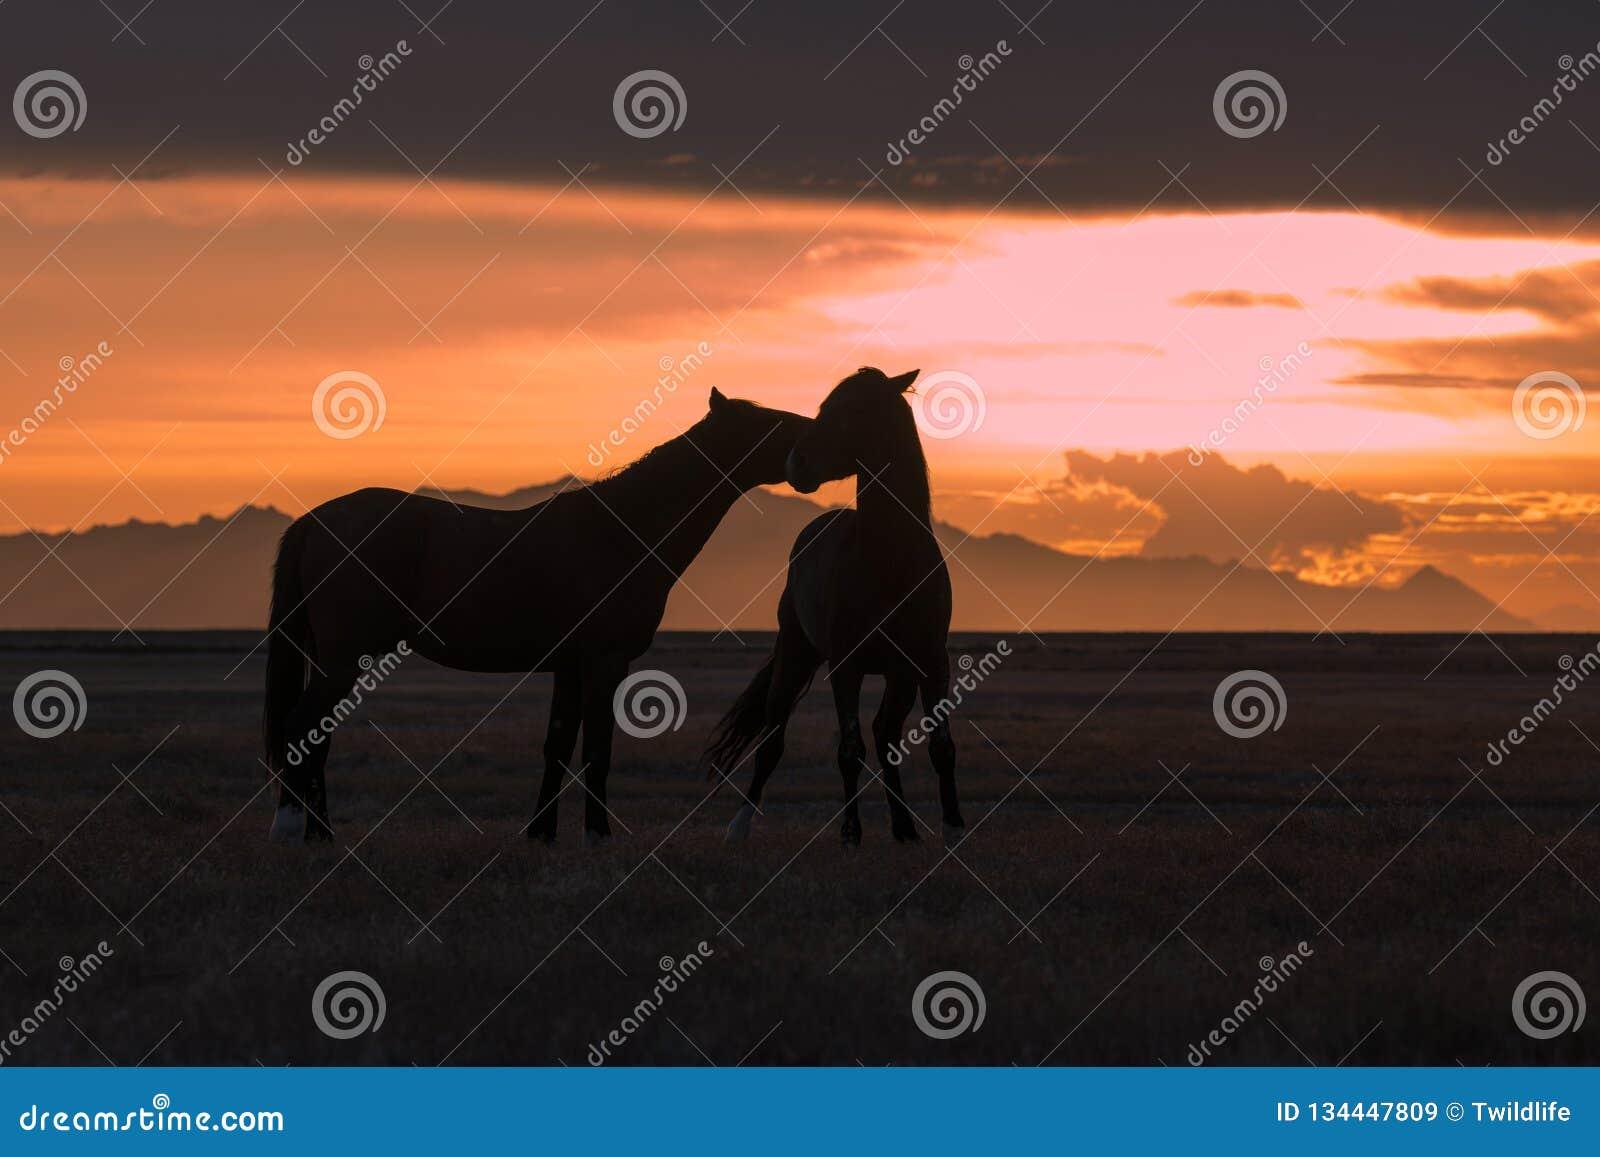 Cavalli selvaggii profilati al tramonto nel deserto